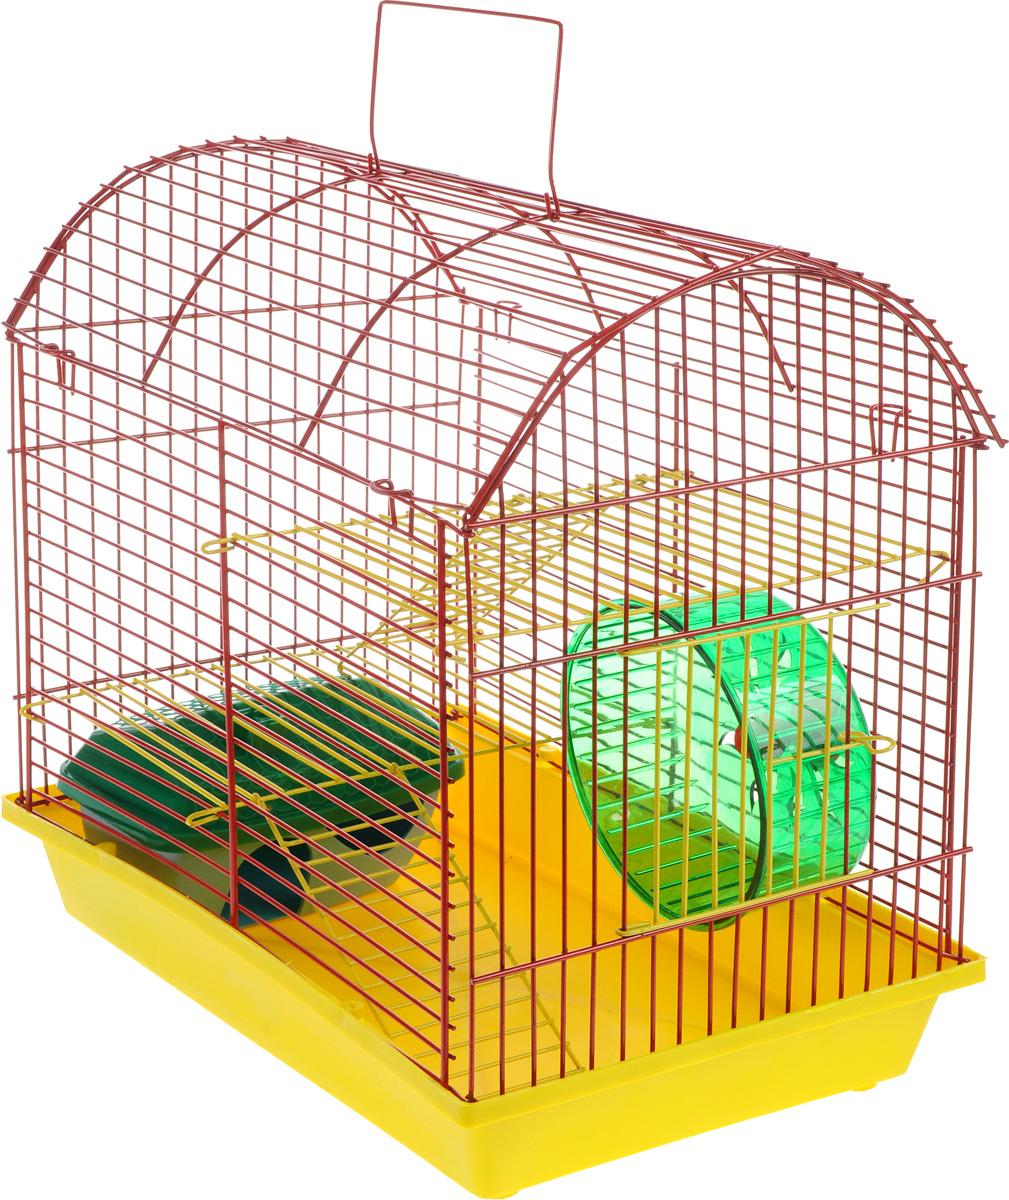 Клетка для грызунов ЗооМарк, 2-этажная, цвет: желтый поддон, красная решетка, желтые этажи, 37 х 23 х 35 см112жкЖККлетка ЗооМарк, выполненная из полипропилена и металла с эмалированным покрытием, подходит для мелких грызунов. Изделие двухэтажное, оборудовано колесом для подвижных игр и пластиковым домиком. Клетка имеет яркий поддон, удобна в использовании и легко чистится. Сверху имеется ручка для переноски. Такая клетка станет личным пространством и уютным домиком для маленького грызуна.